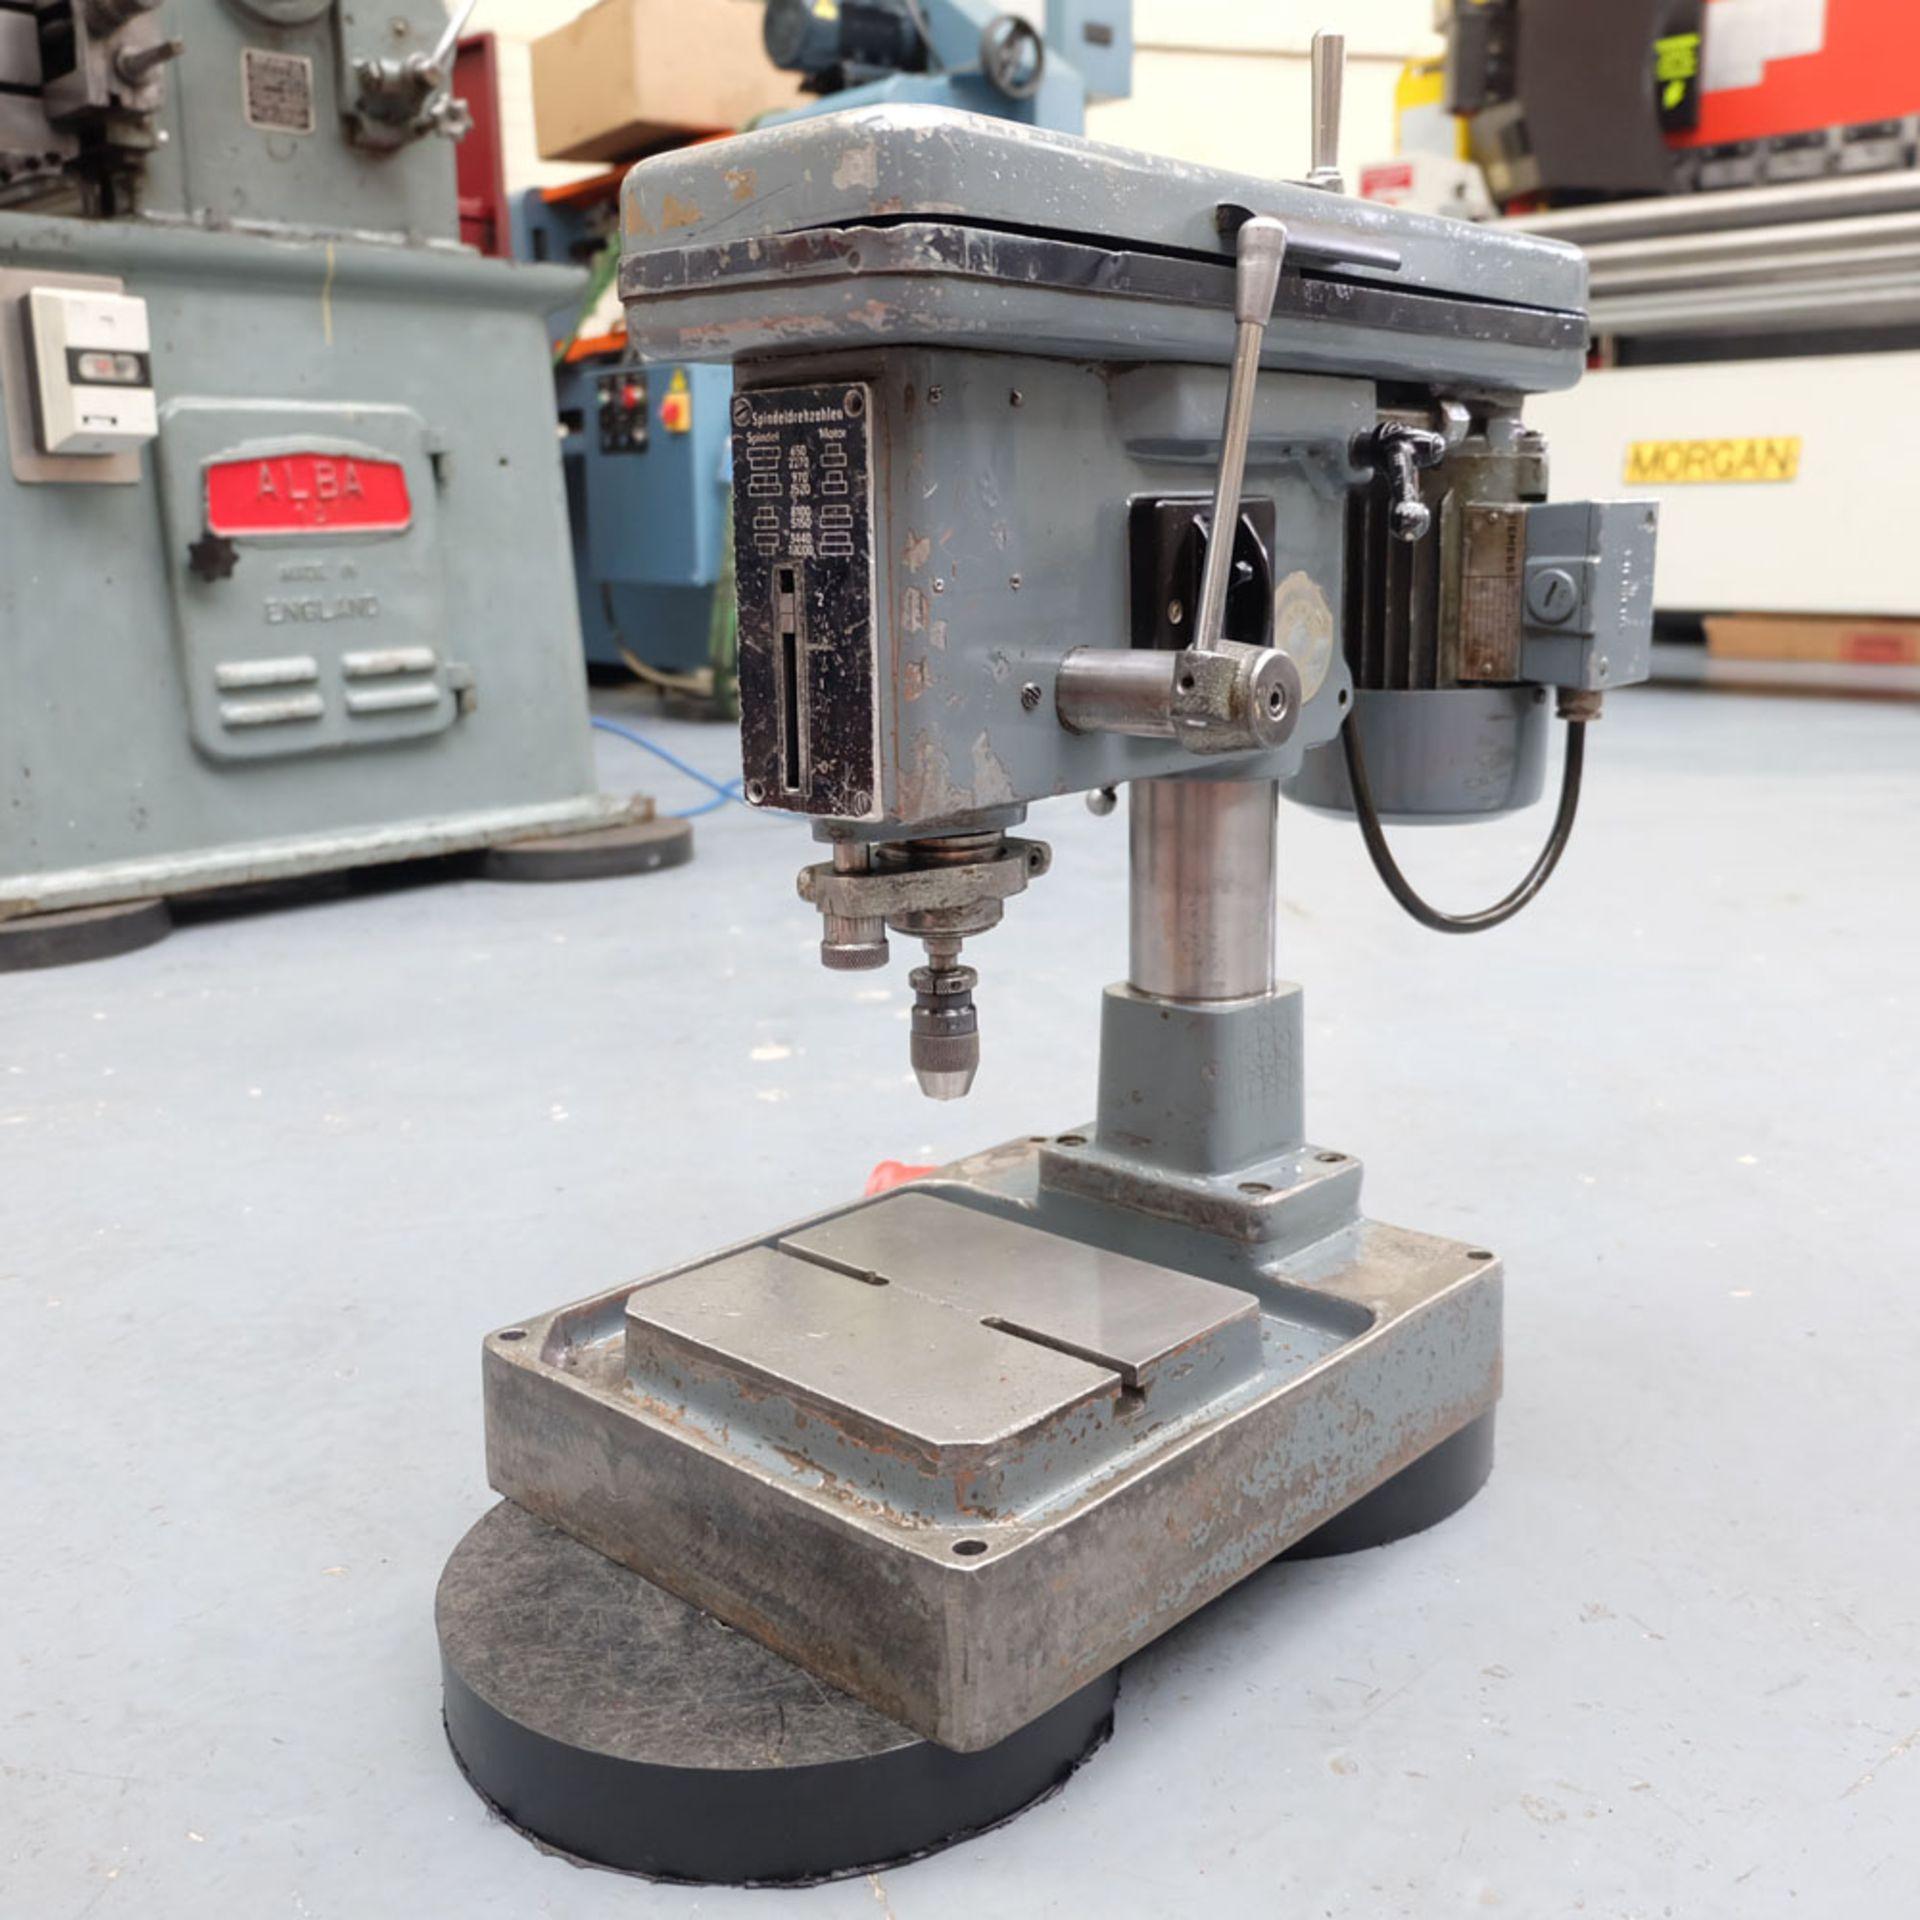 """Spindeldrehzahlen High Speed Bench Drill. 8 x Speeds: 650 - 12,0000 rpm. Drilling Depth: 2""""."""